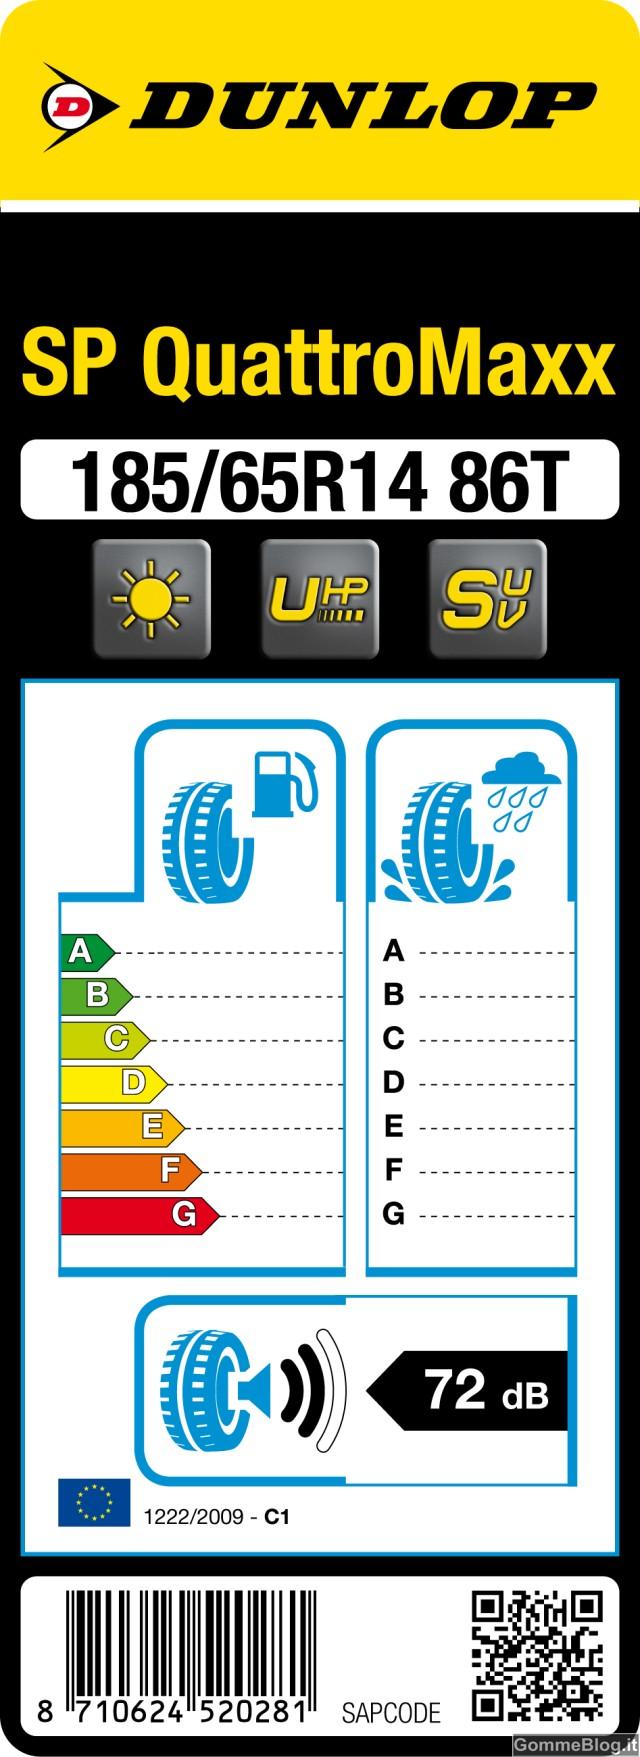 Dunlop aggiunge il QR Code alla nuova Etichetta Europea Pneumatici 1